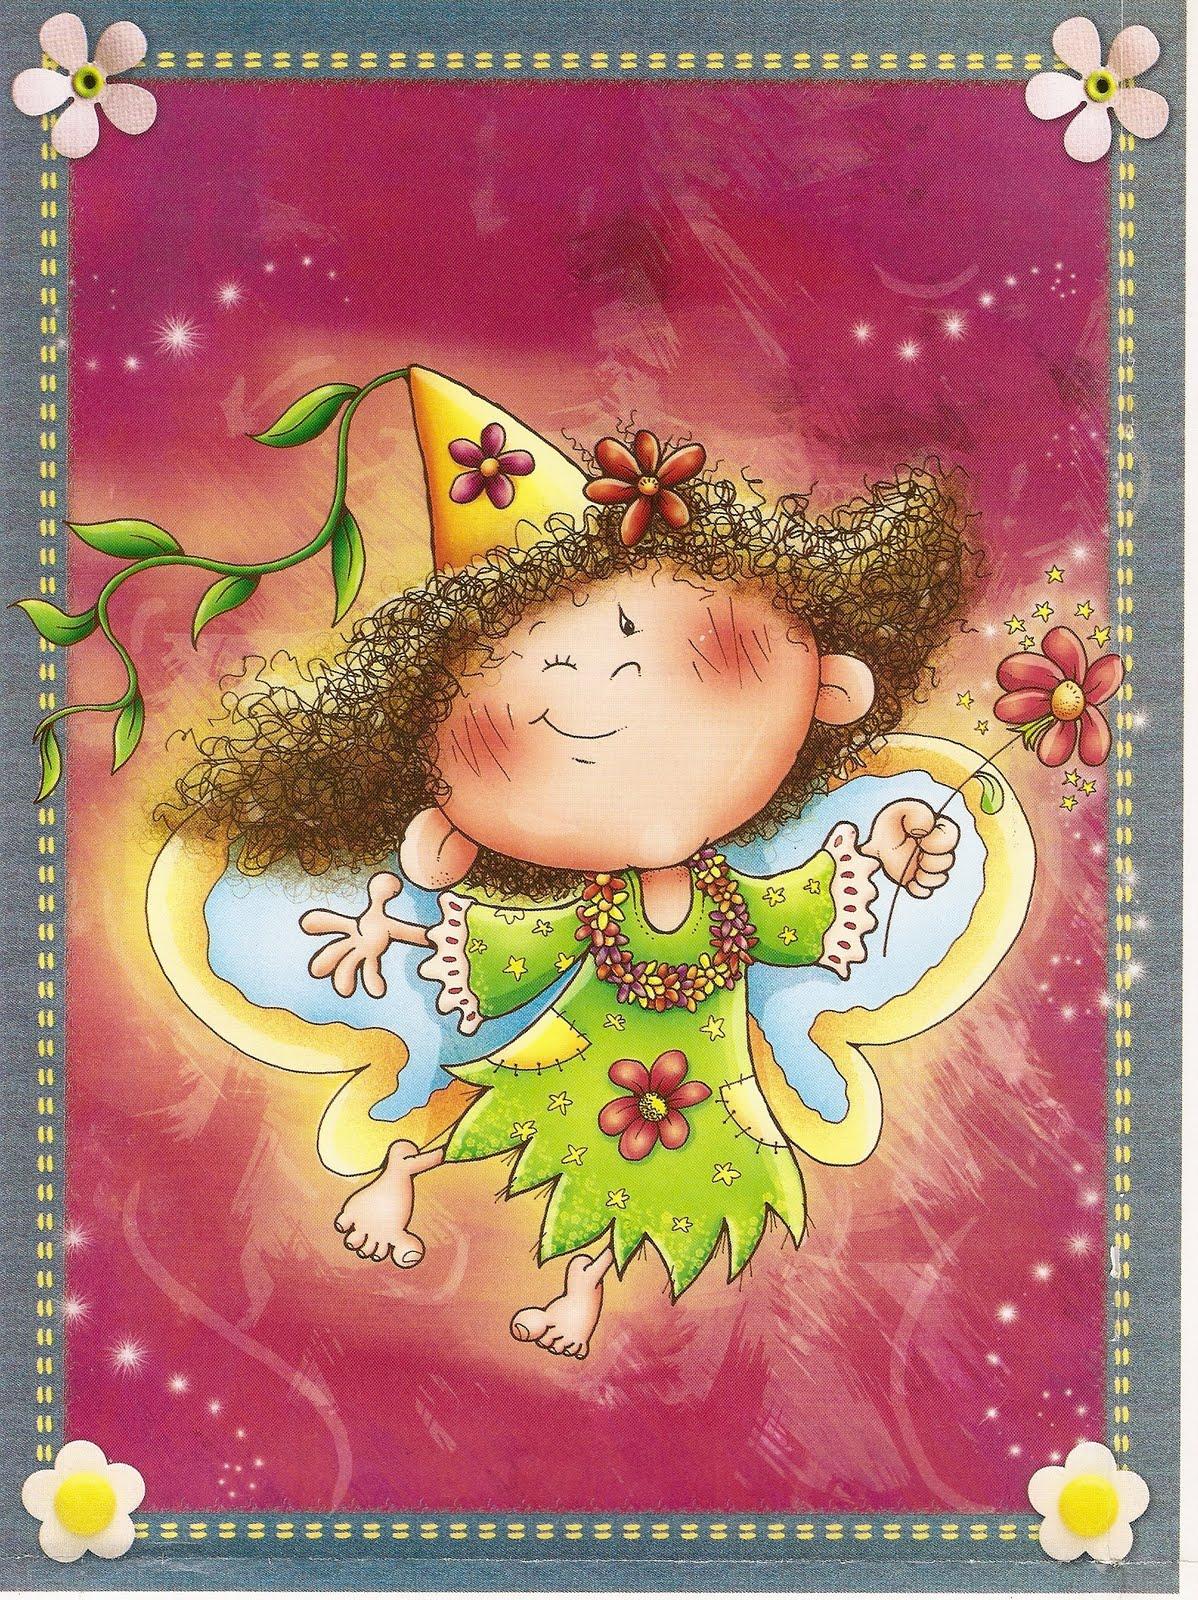 Imágenes de unicornios 3. Fiestas infantiles. | Ideas y